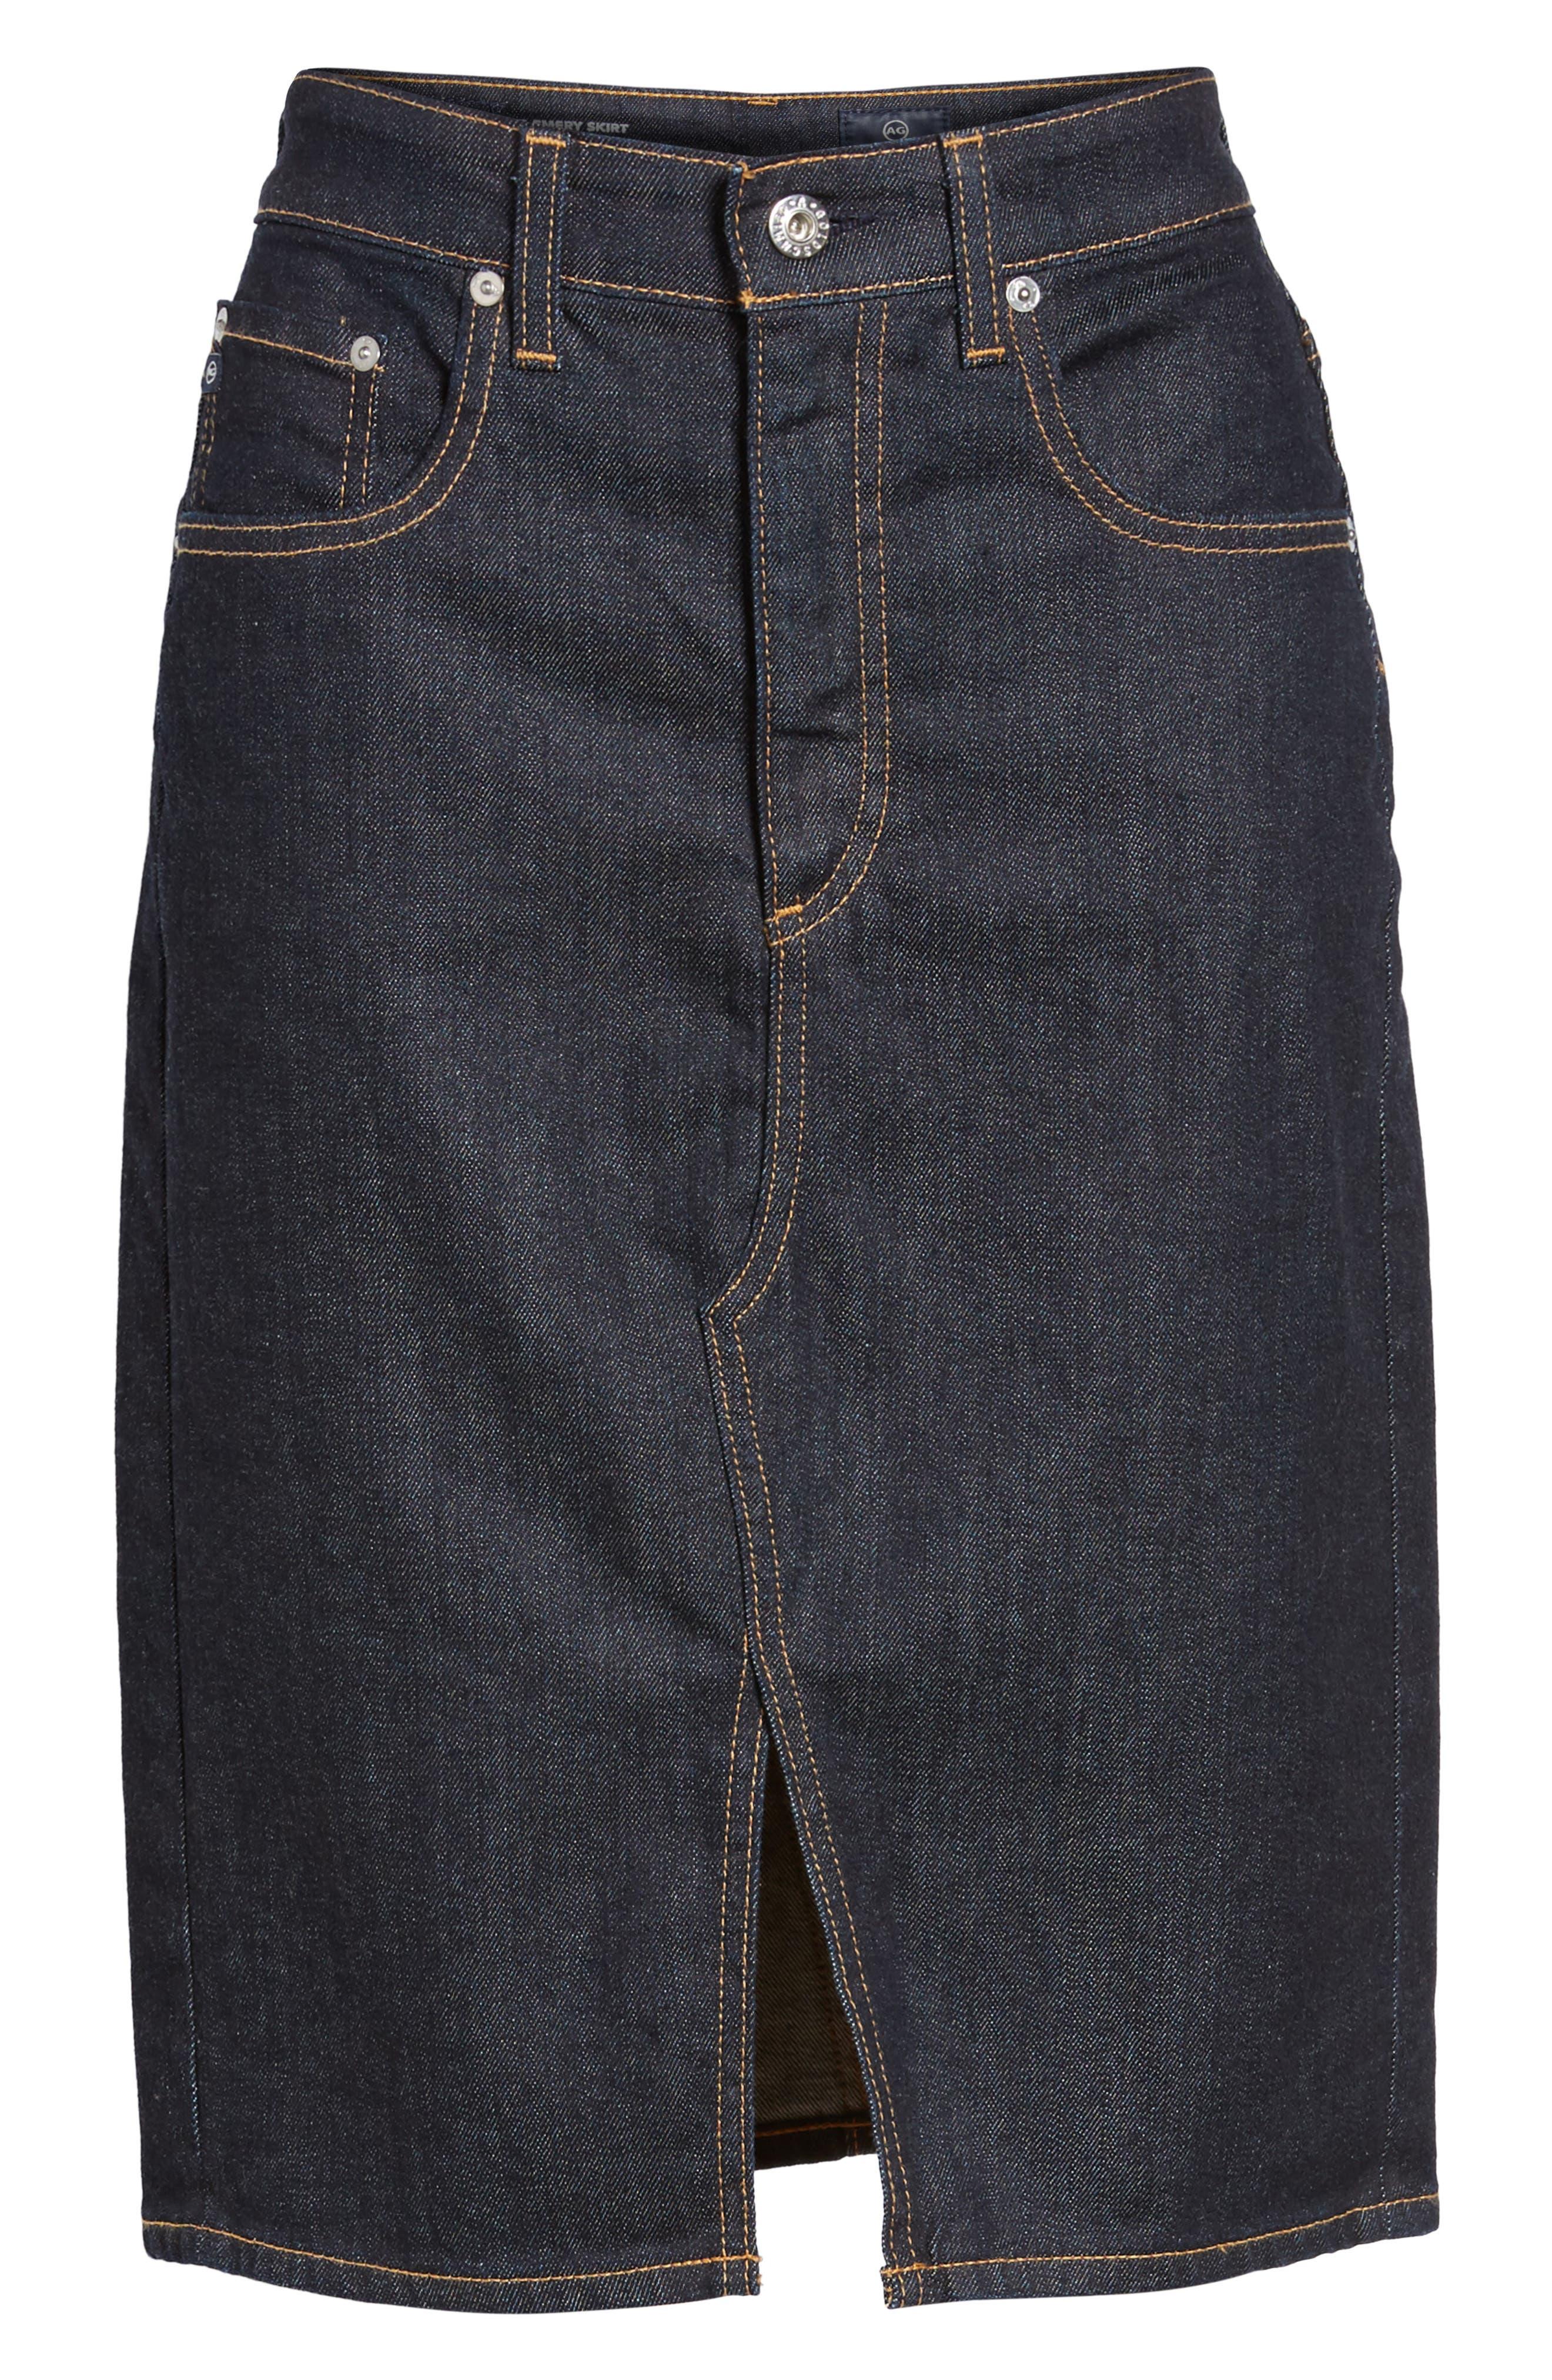 Alternate Image 1 Selected - AG Emery High Waist Denim Skirt